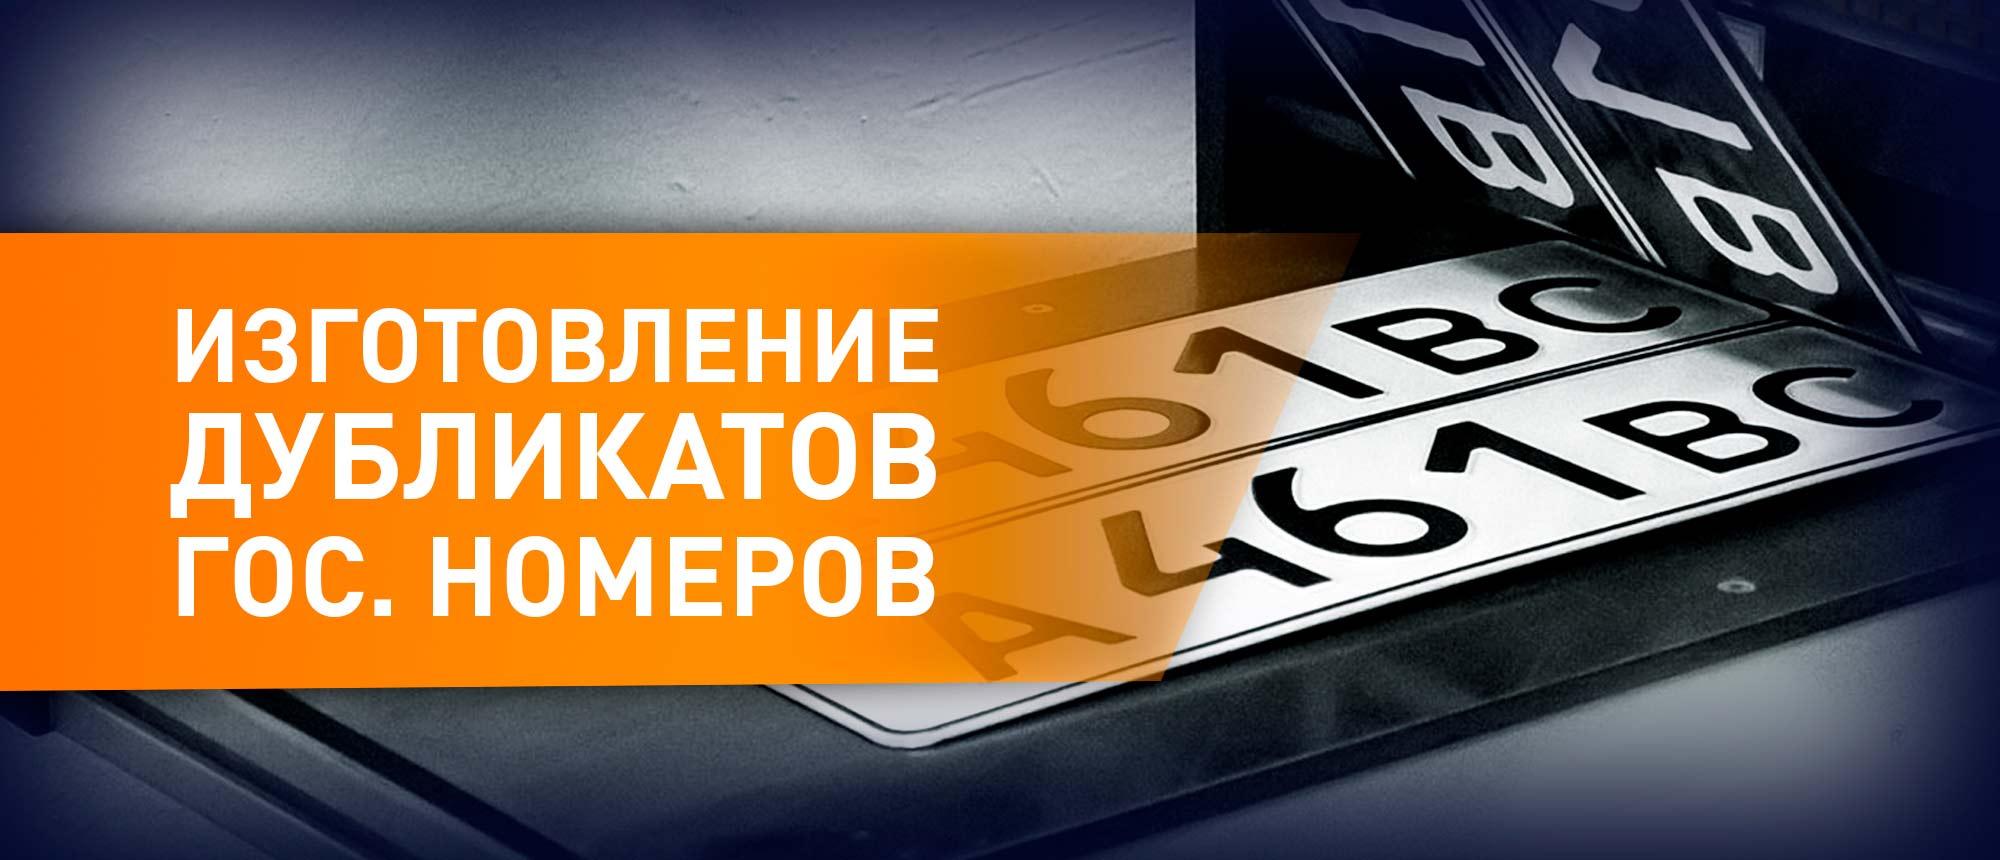 Автономера в Анапе, изготовление дубликатов Российских номеров